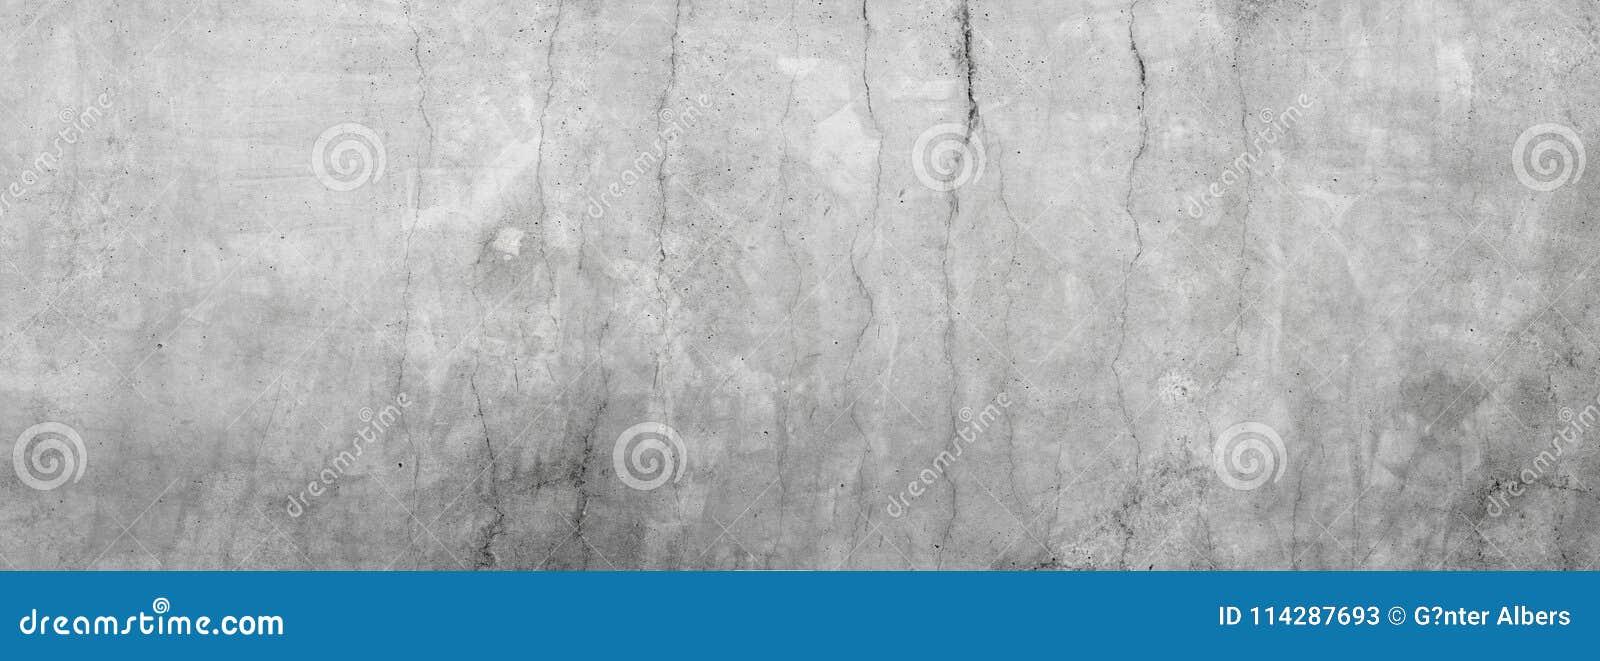 Muro de cemento gris sucio